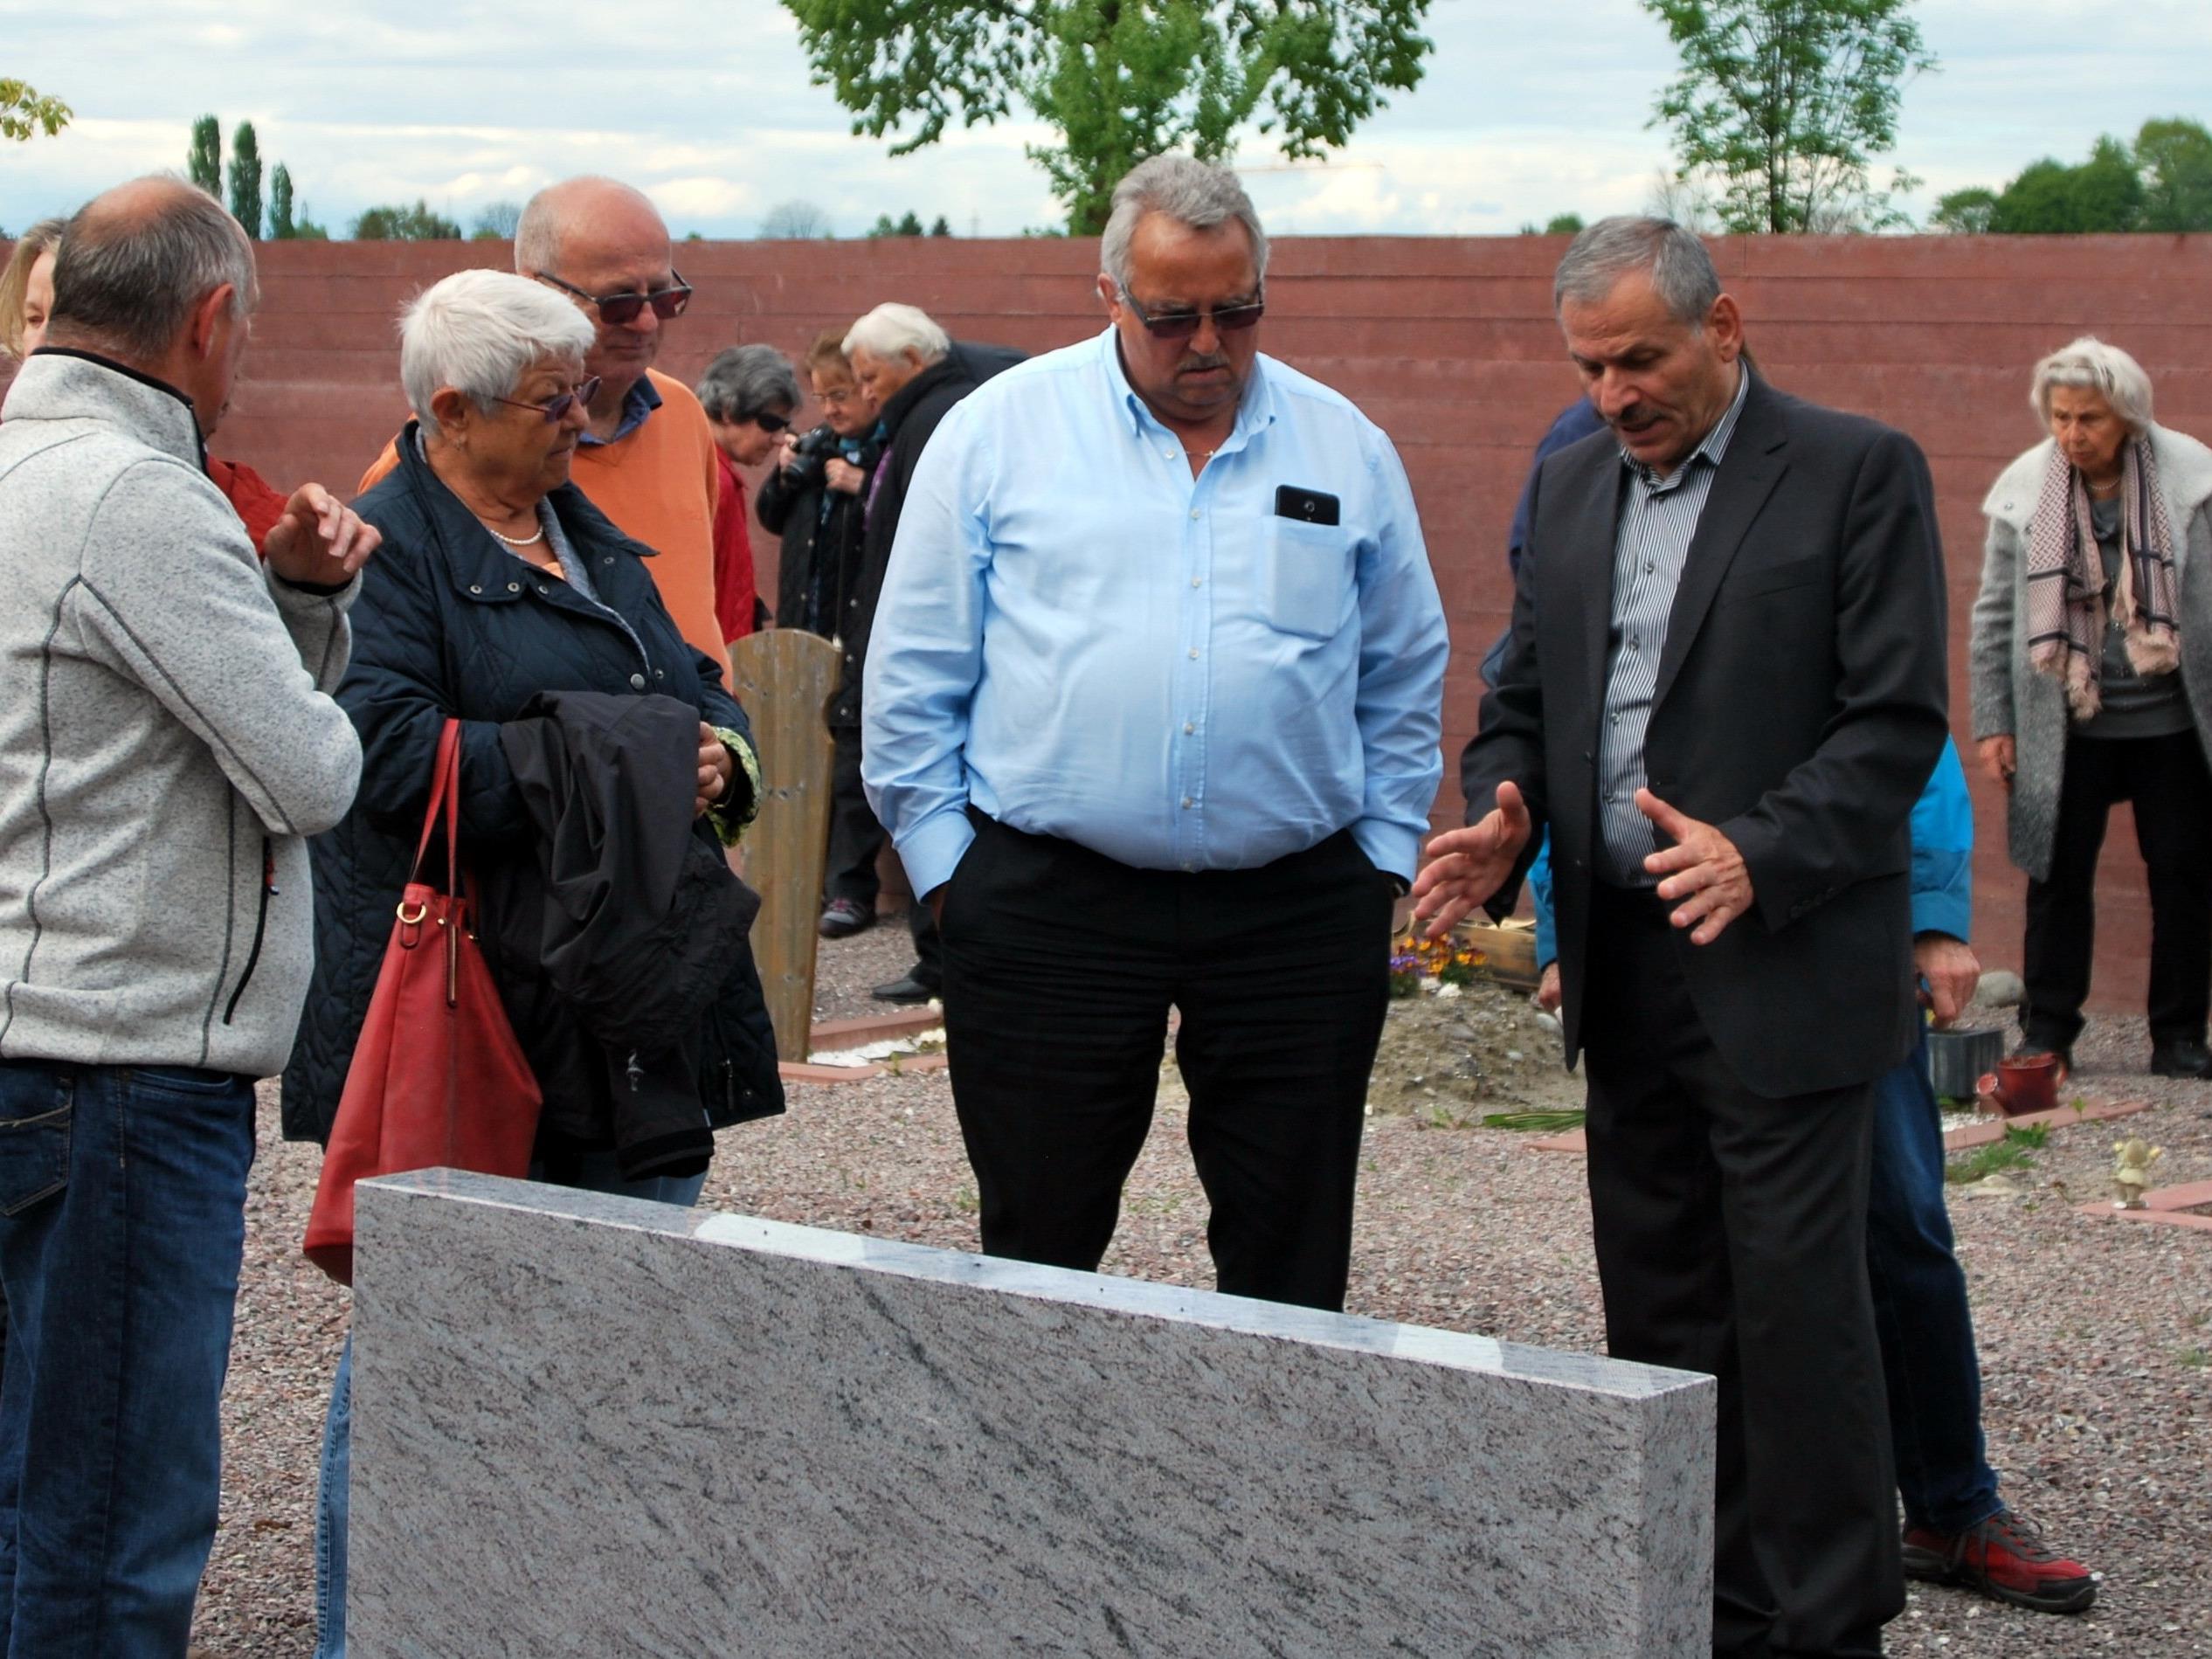 Der Seniorenbund Altach besichtigte den Islamischen Friedhof in Altach